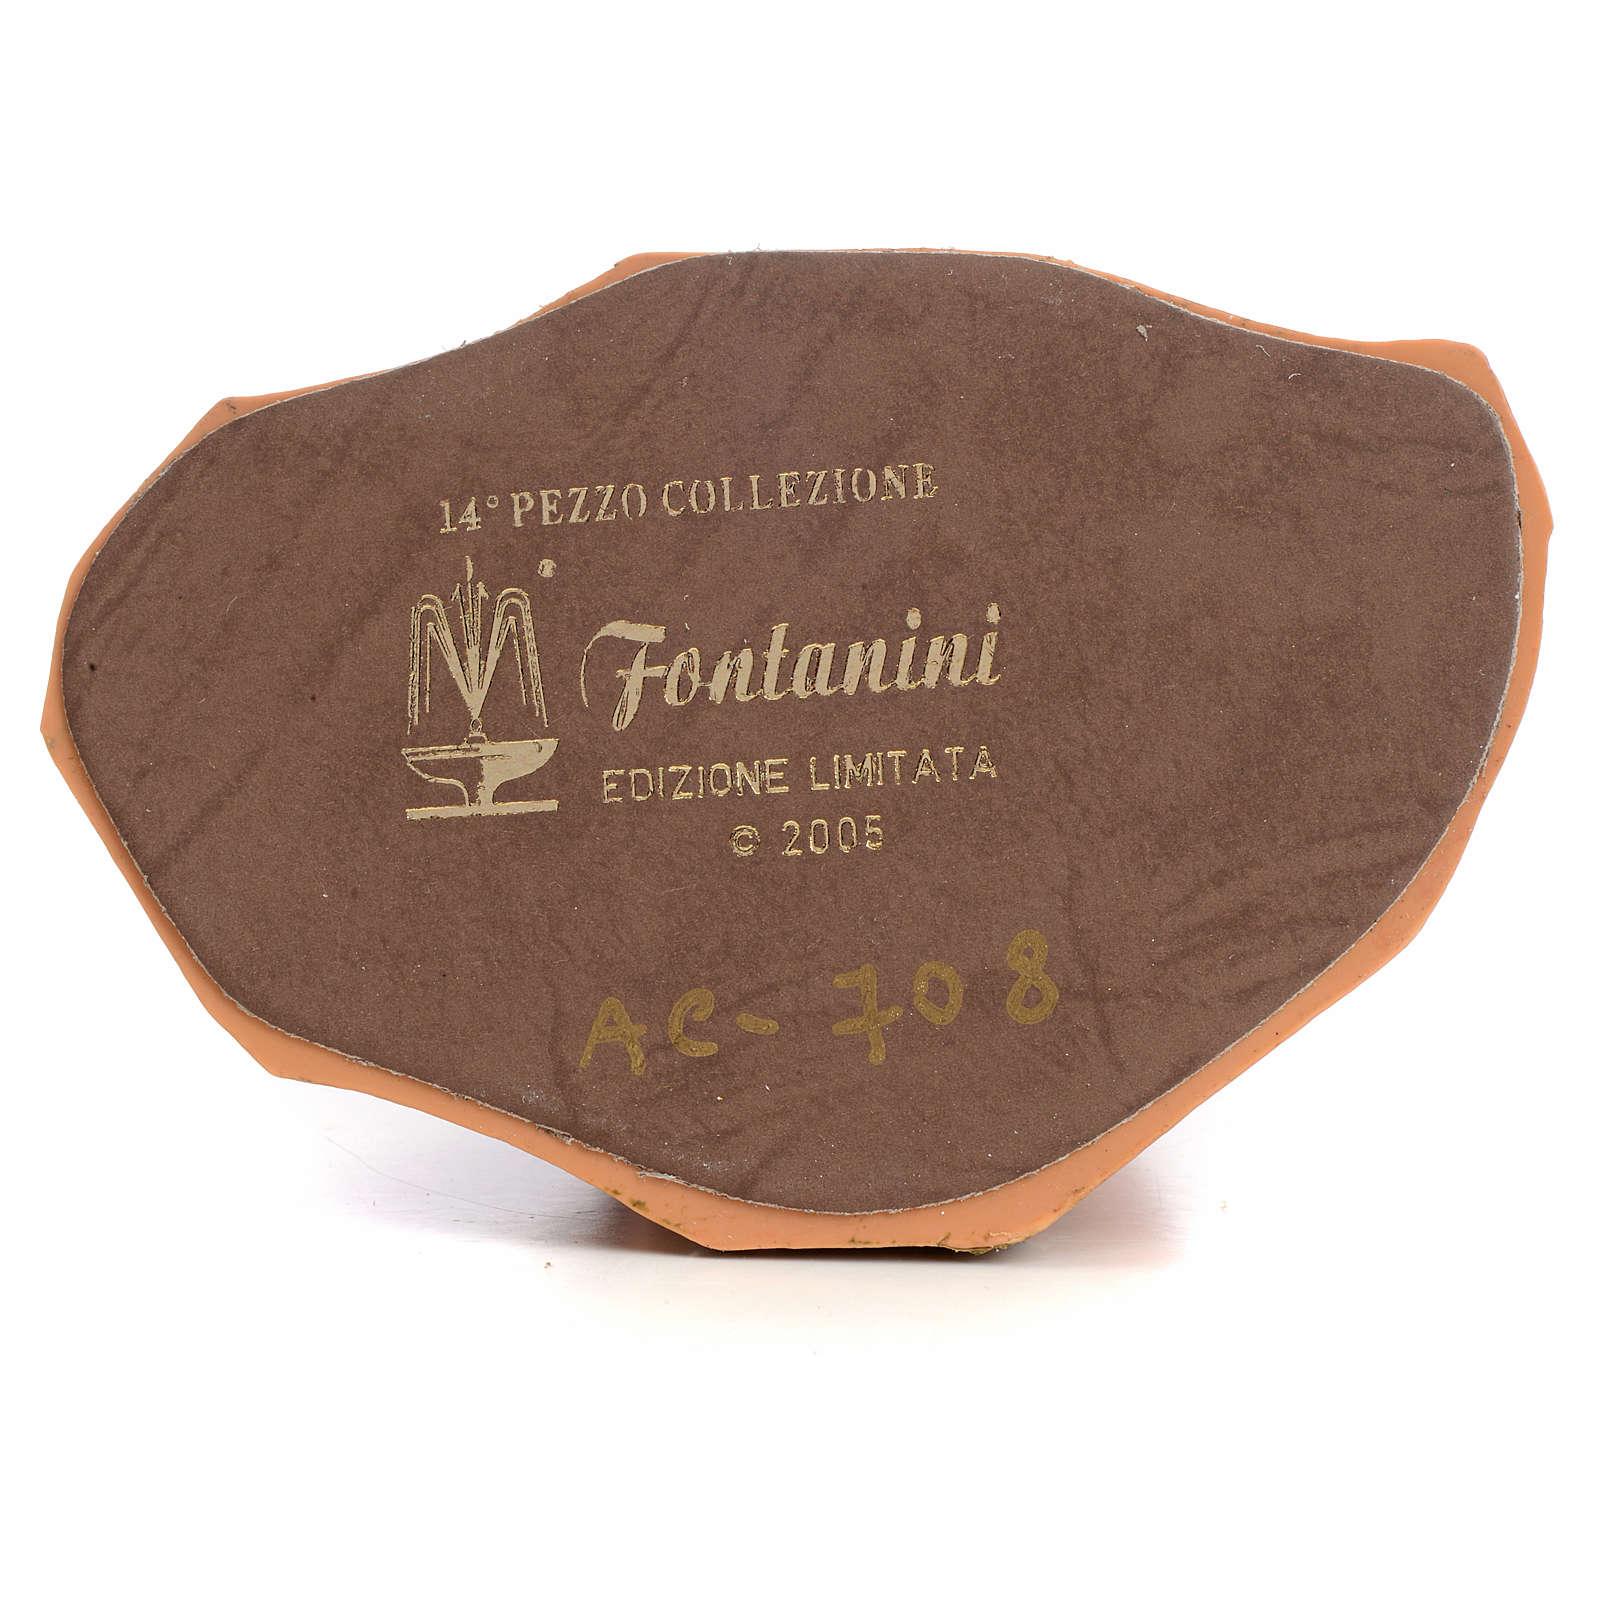 Darah e Grace 12 cm Fontanini edizione limitata anno 2005 3